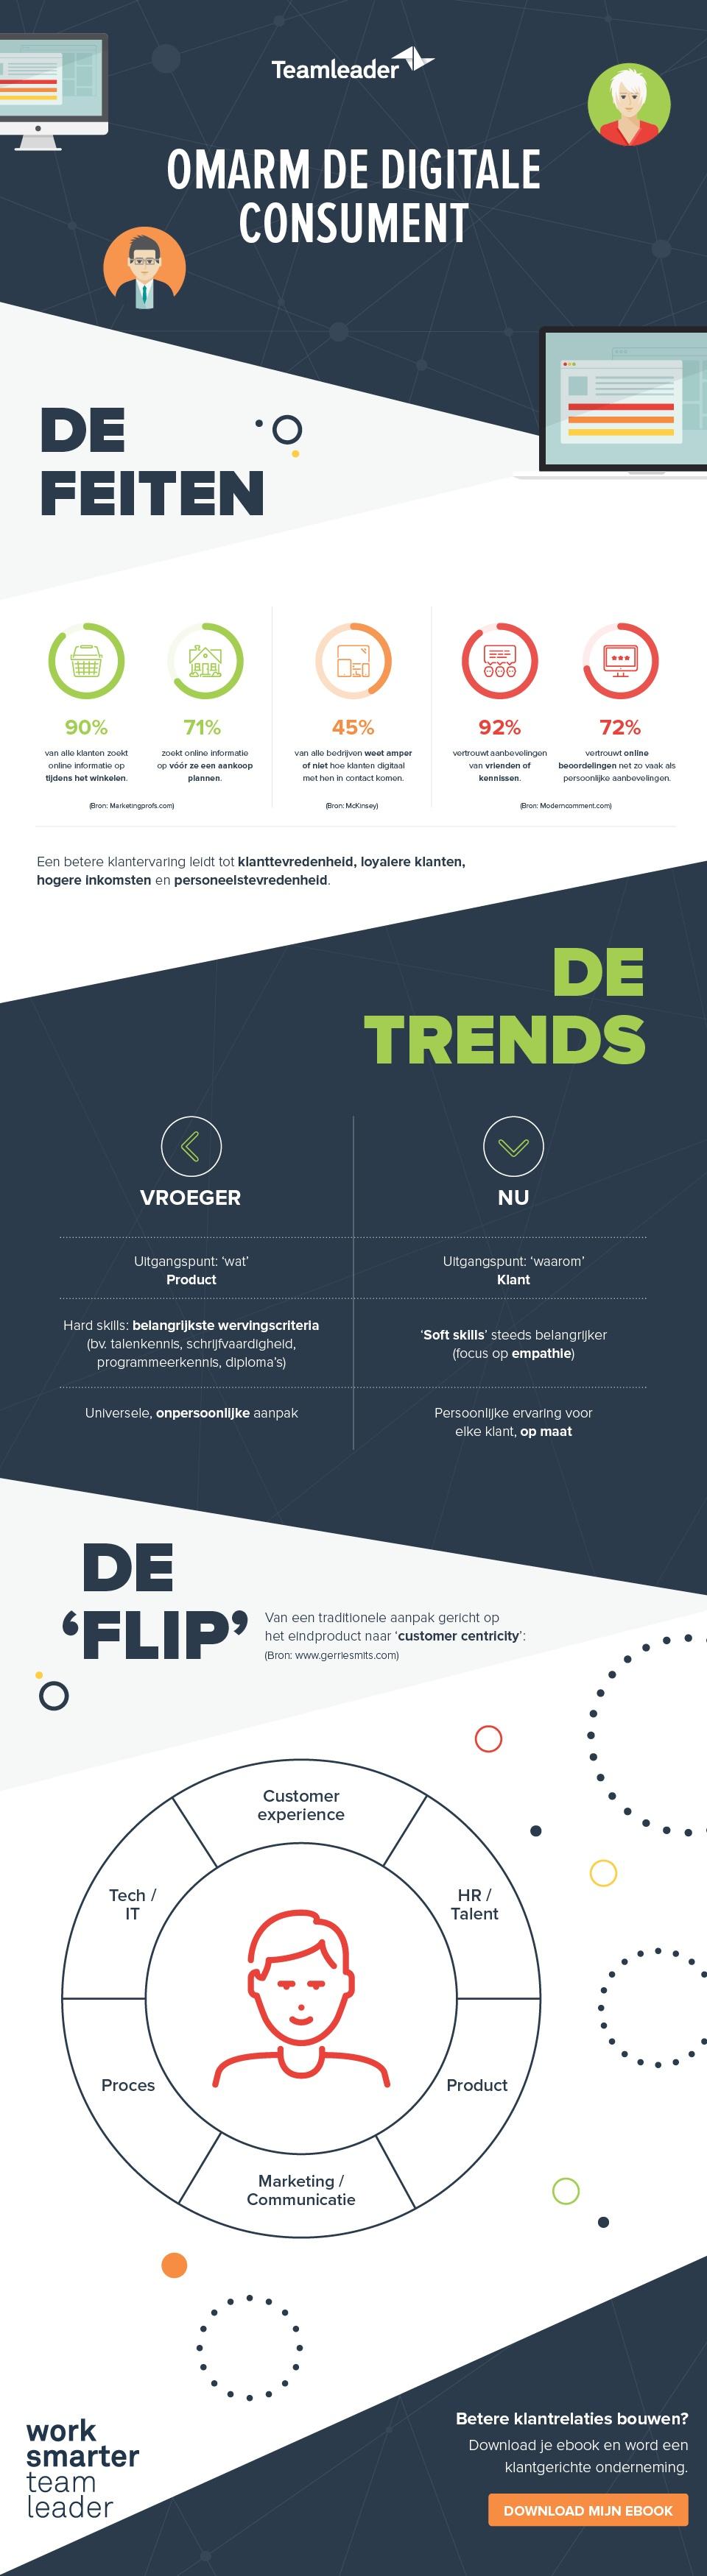 20170724_digitalConsumer_infographic_BE-NL.jpg